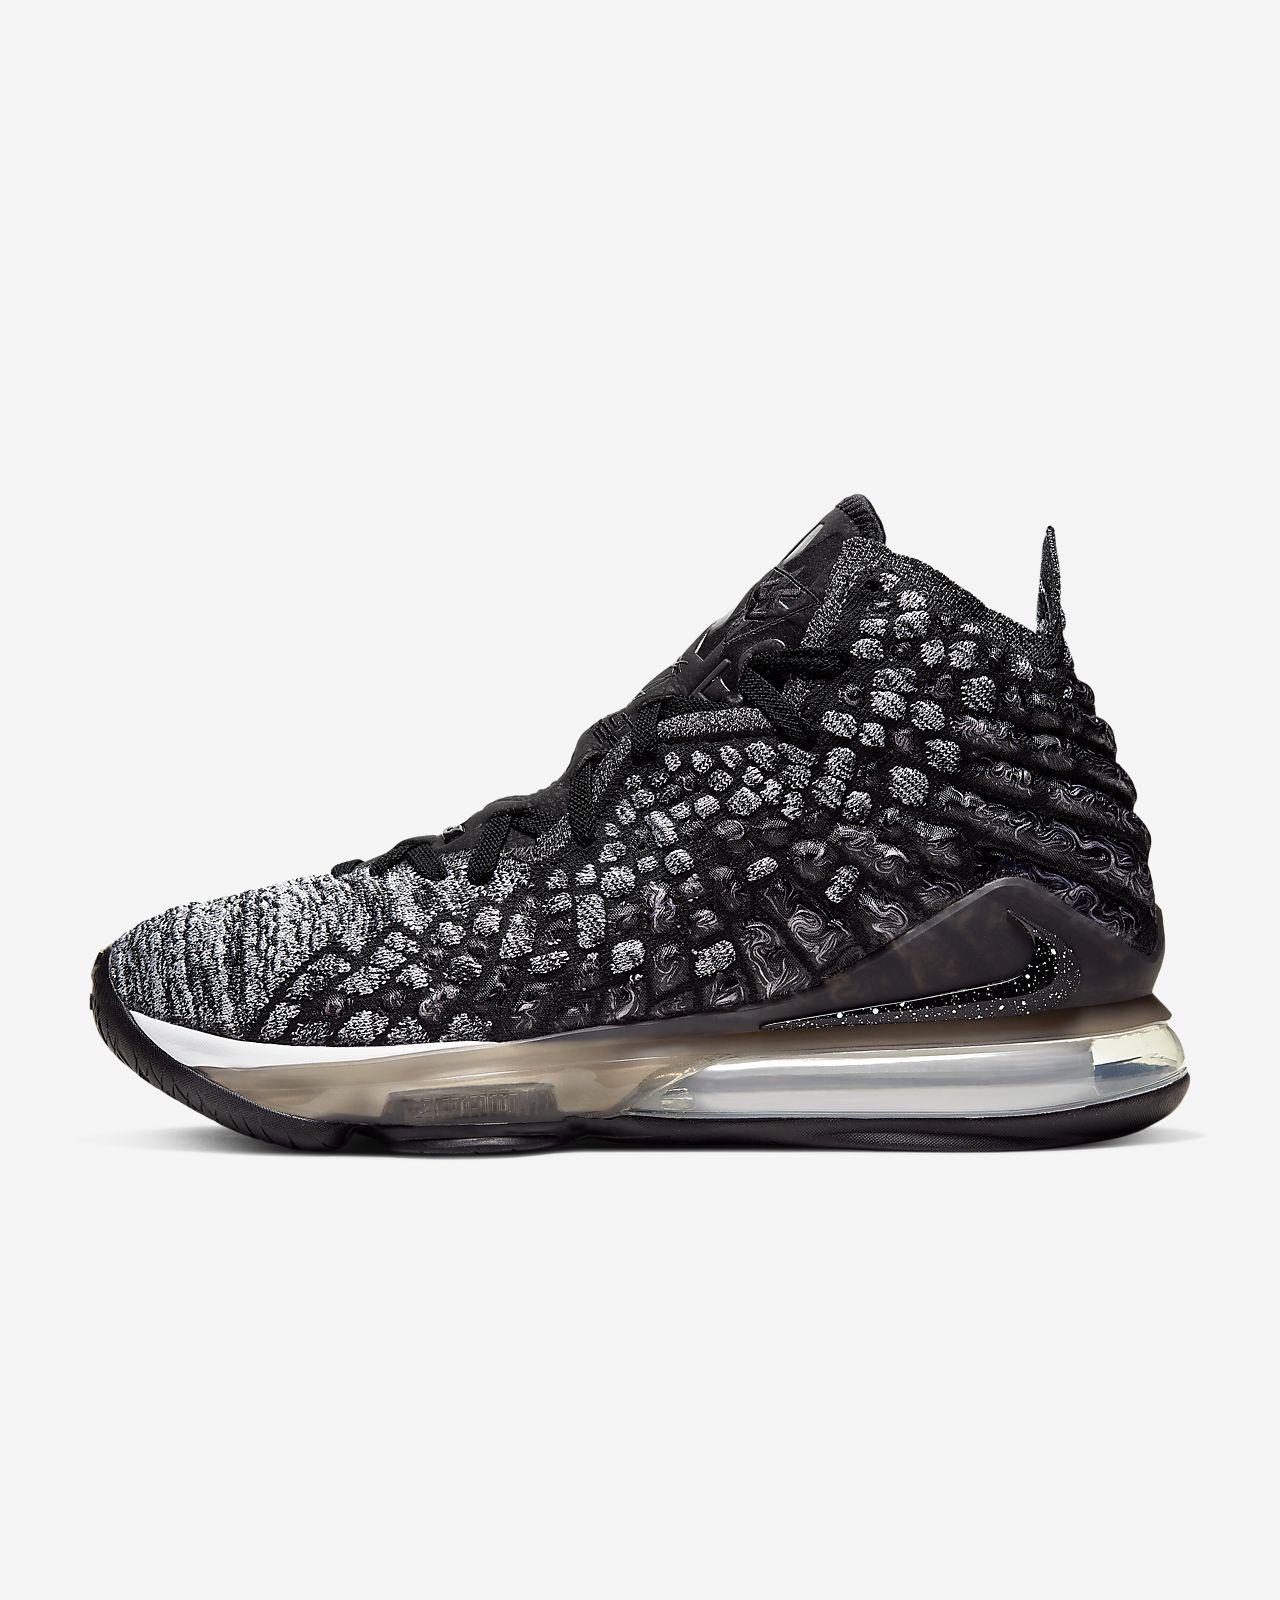 Παπούτσι μπάσκετ LeBron 17